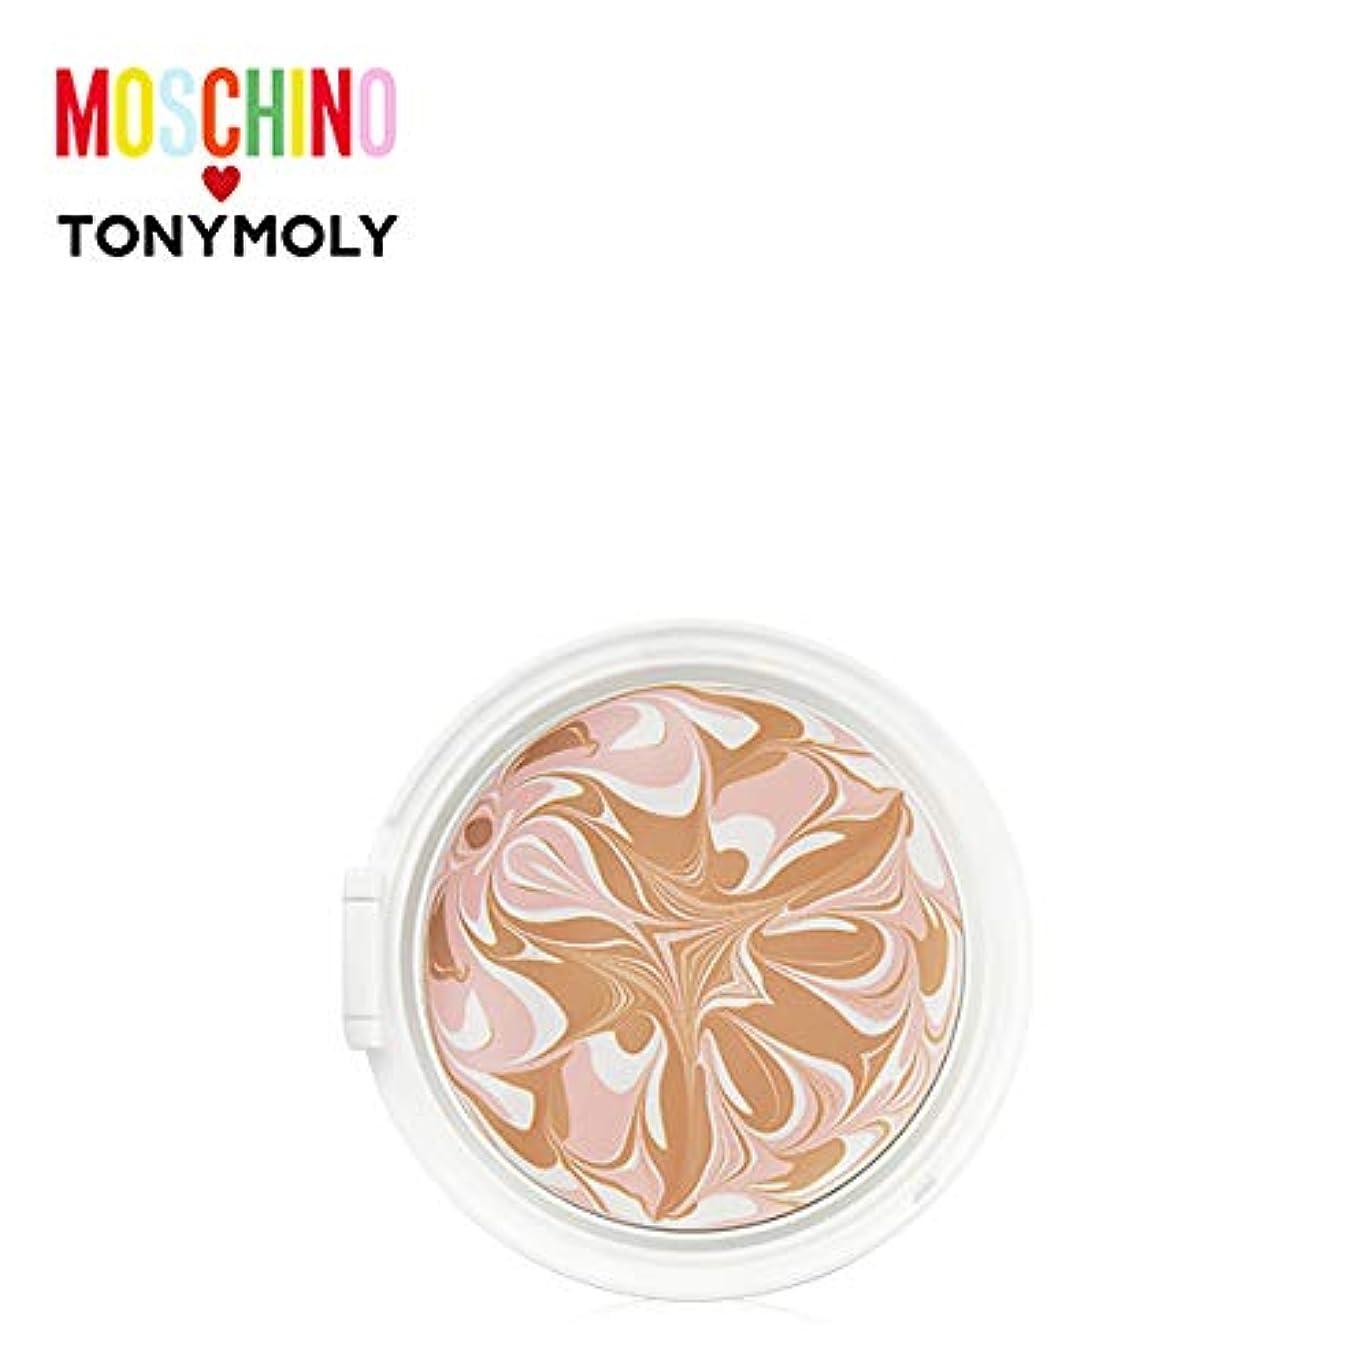 変更可能日付祖先TONYMOLY [MOSCHINO] Chic Skin Essence Pact -Refill #02 CHIC BEIGE トニーモリー [モスキーノ] シック スキン エッセンス パクト -リフィル [詰め替え...